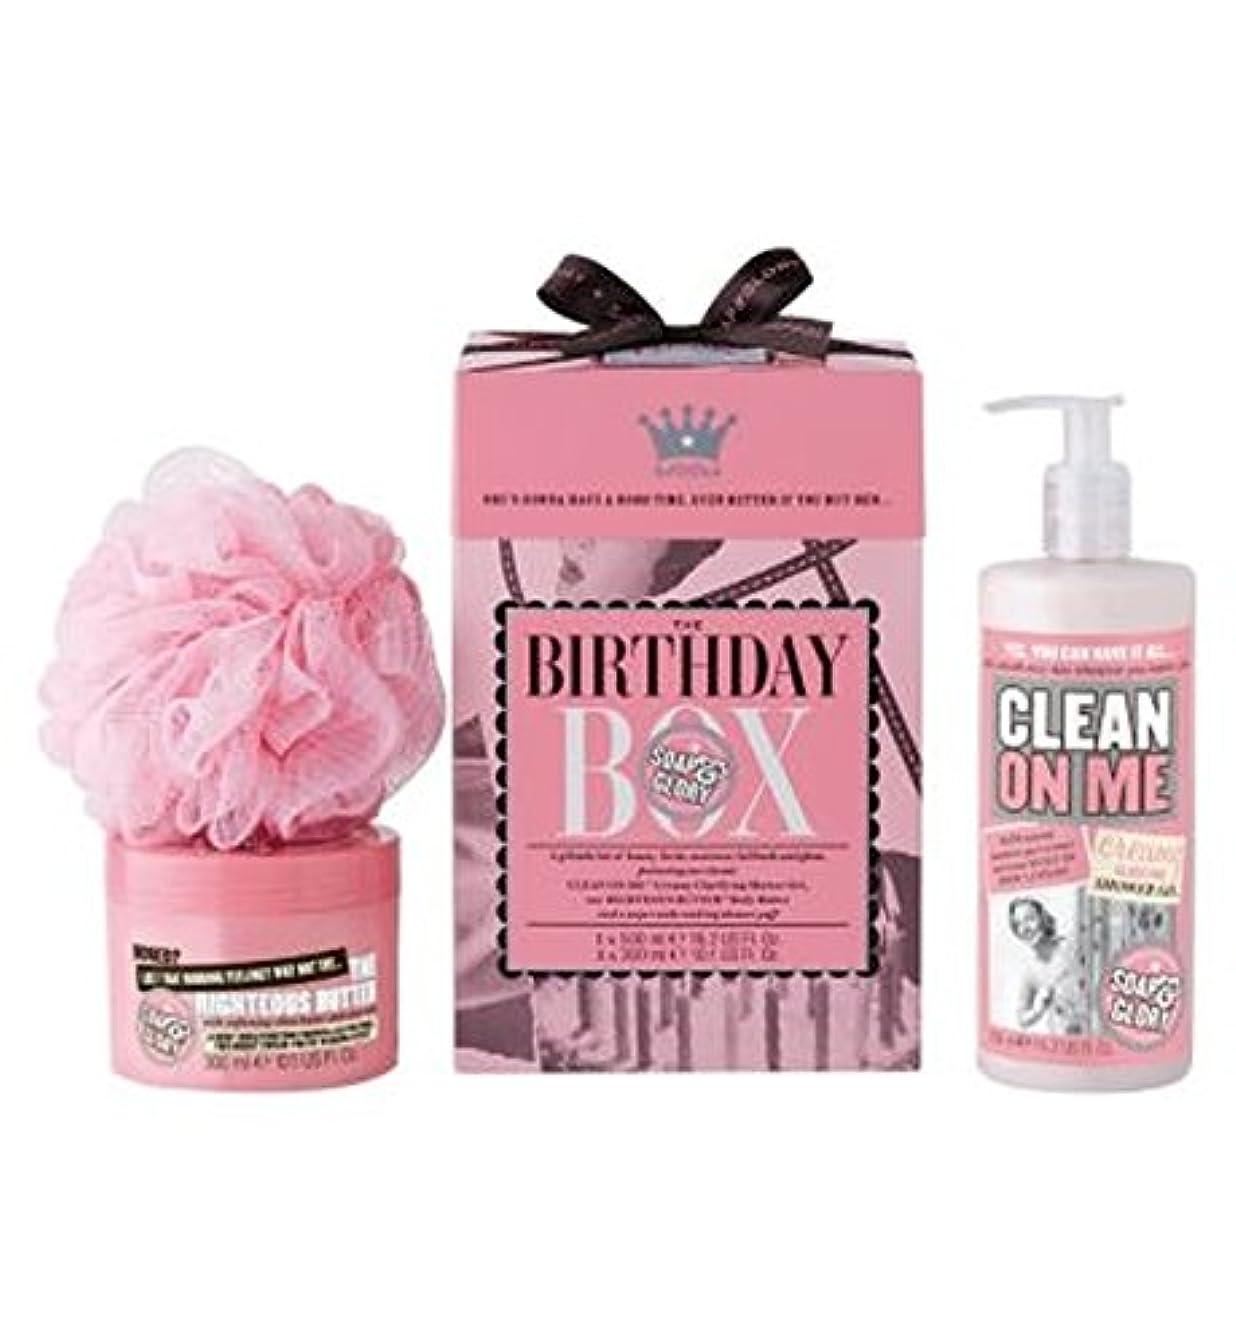 シャットデュアル予想外石鹸&栄光の誕生日箱のギフトセット (Soap & Glory) (x2) - Soap & Glory The Birthday Box Gift Set (Pack of 2) [並行輸入品]